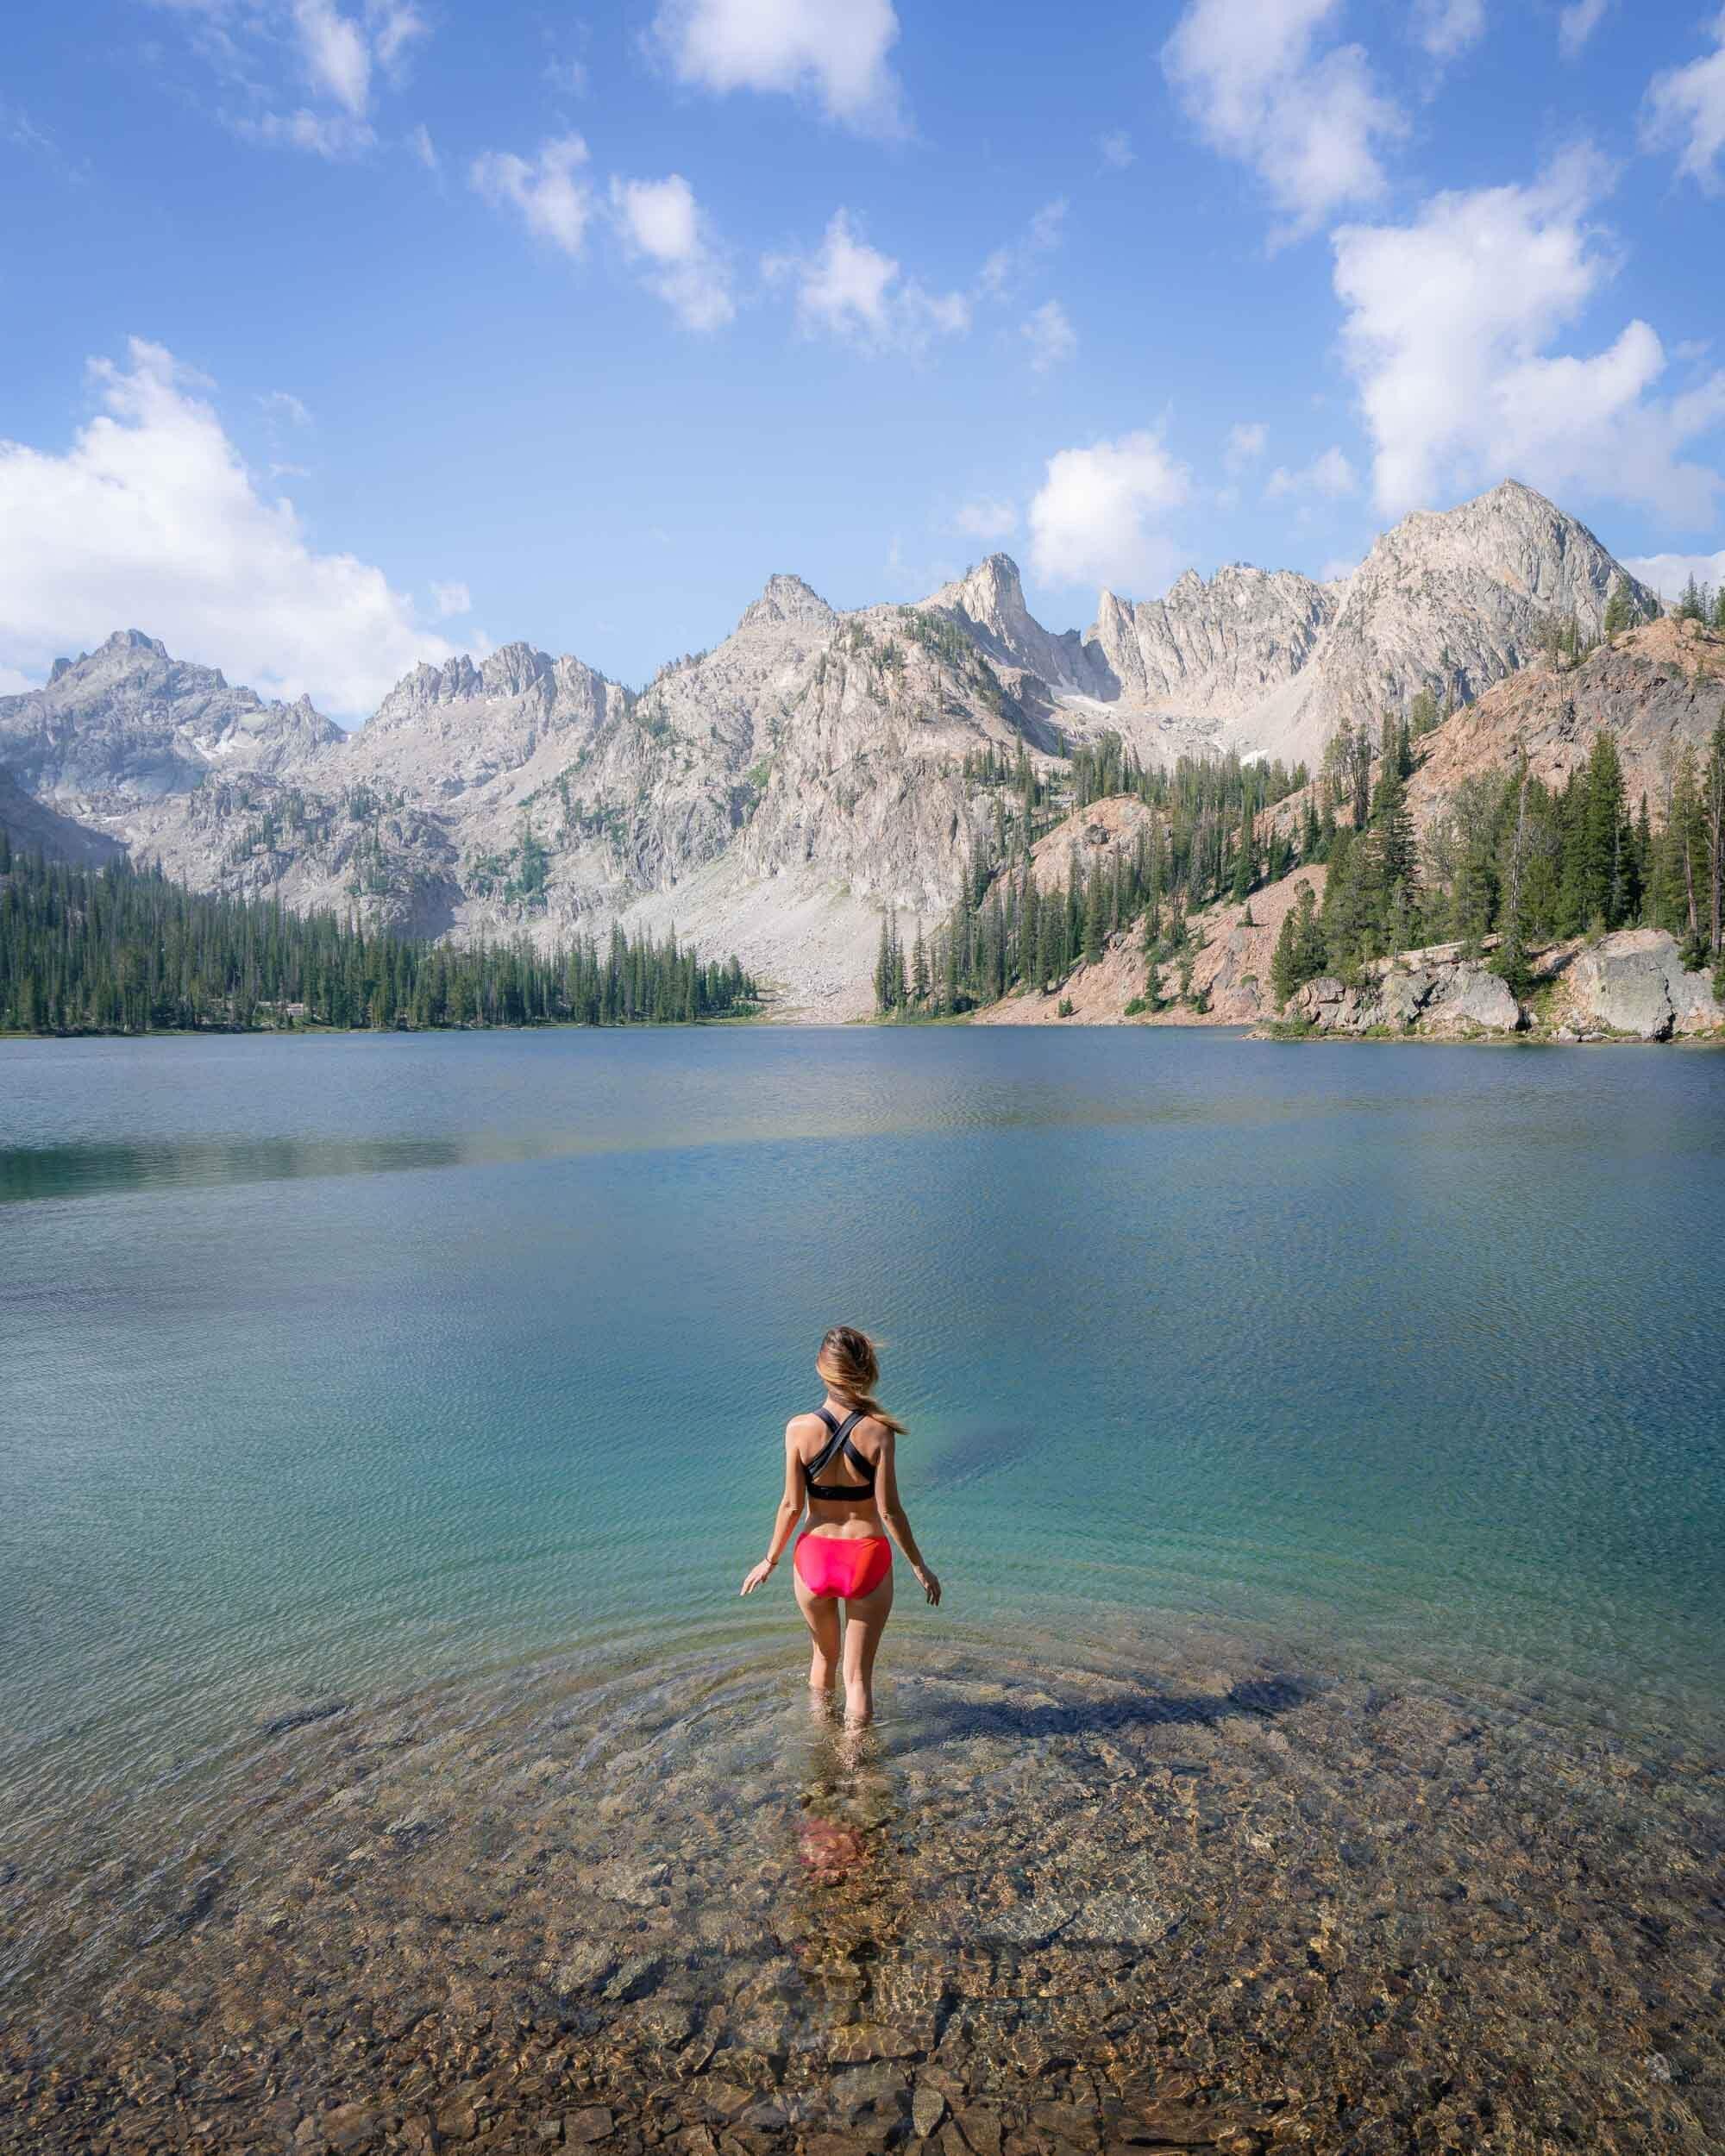 Taking a dip at Alice Lake.